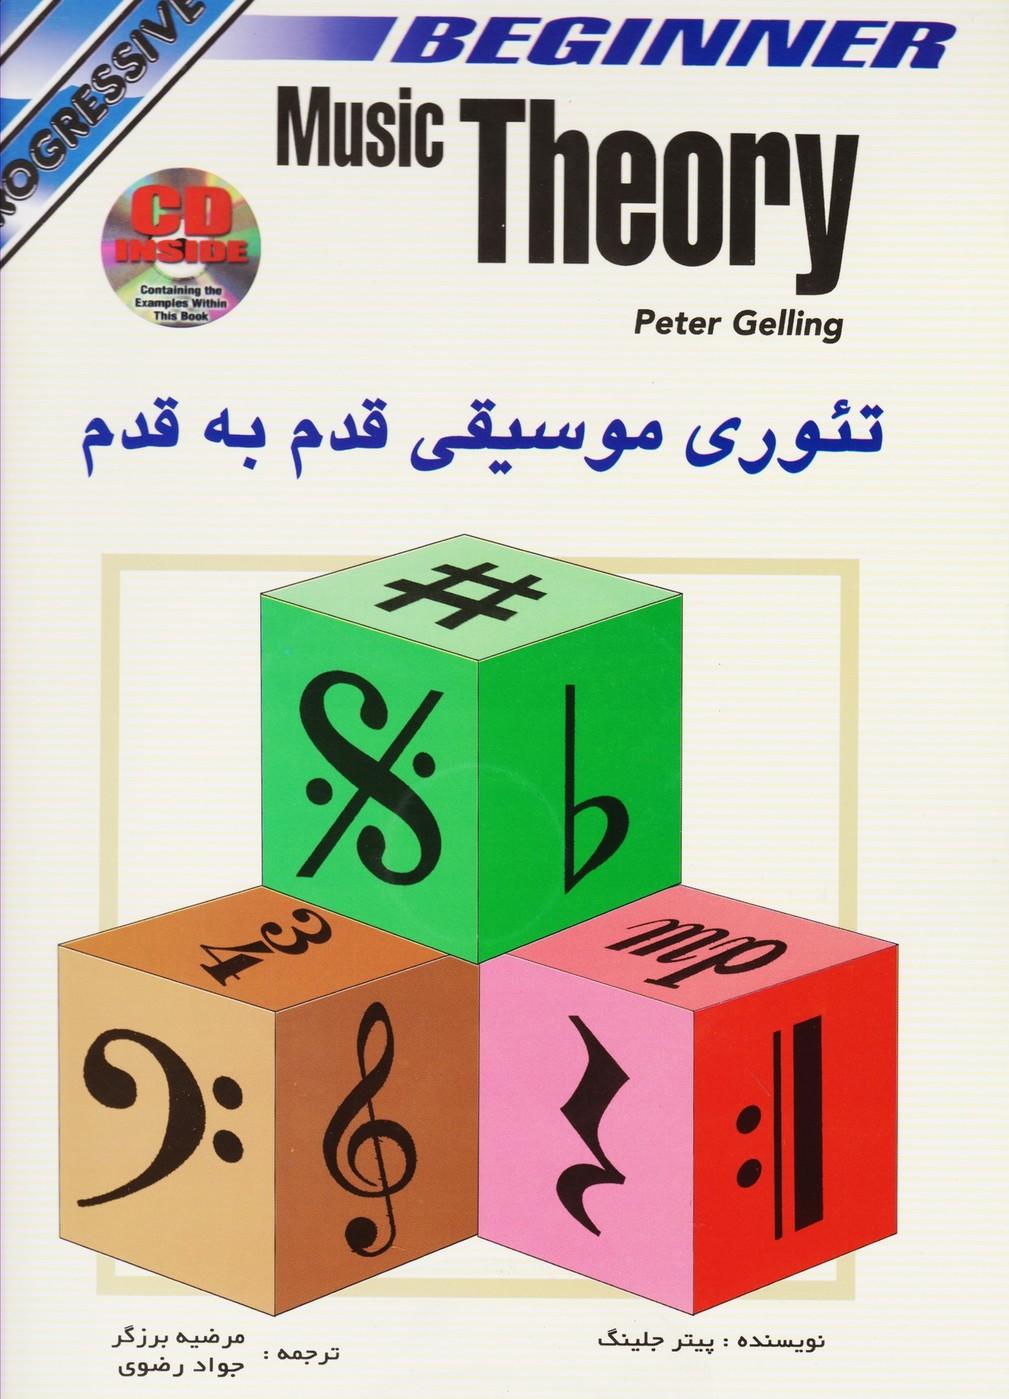 تئوری موسیقی قدم به قدم (نکیسا)